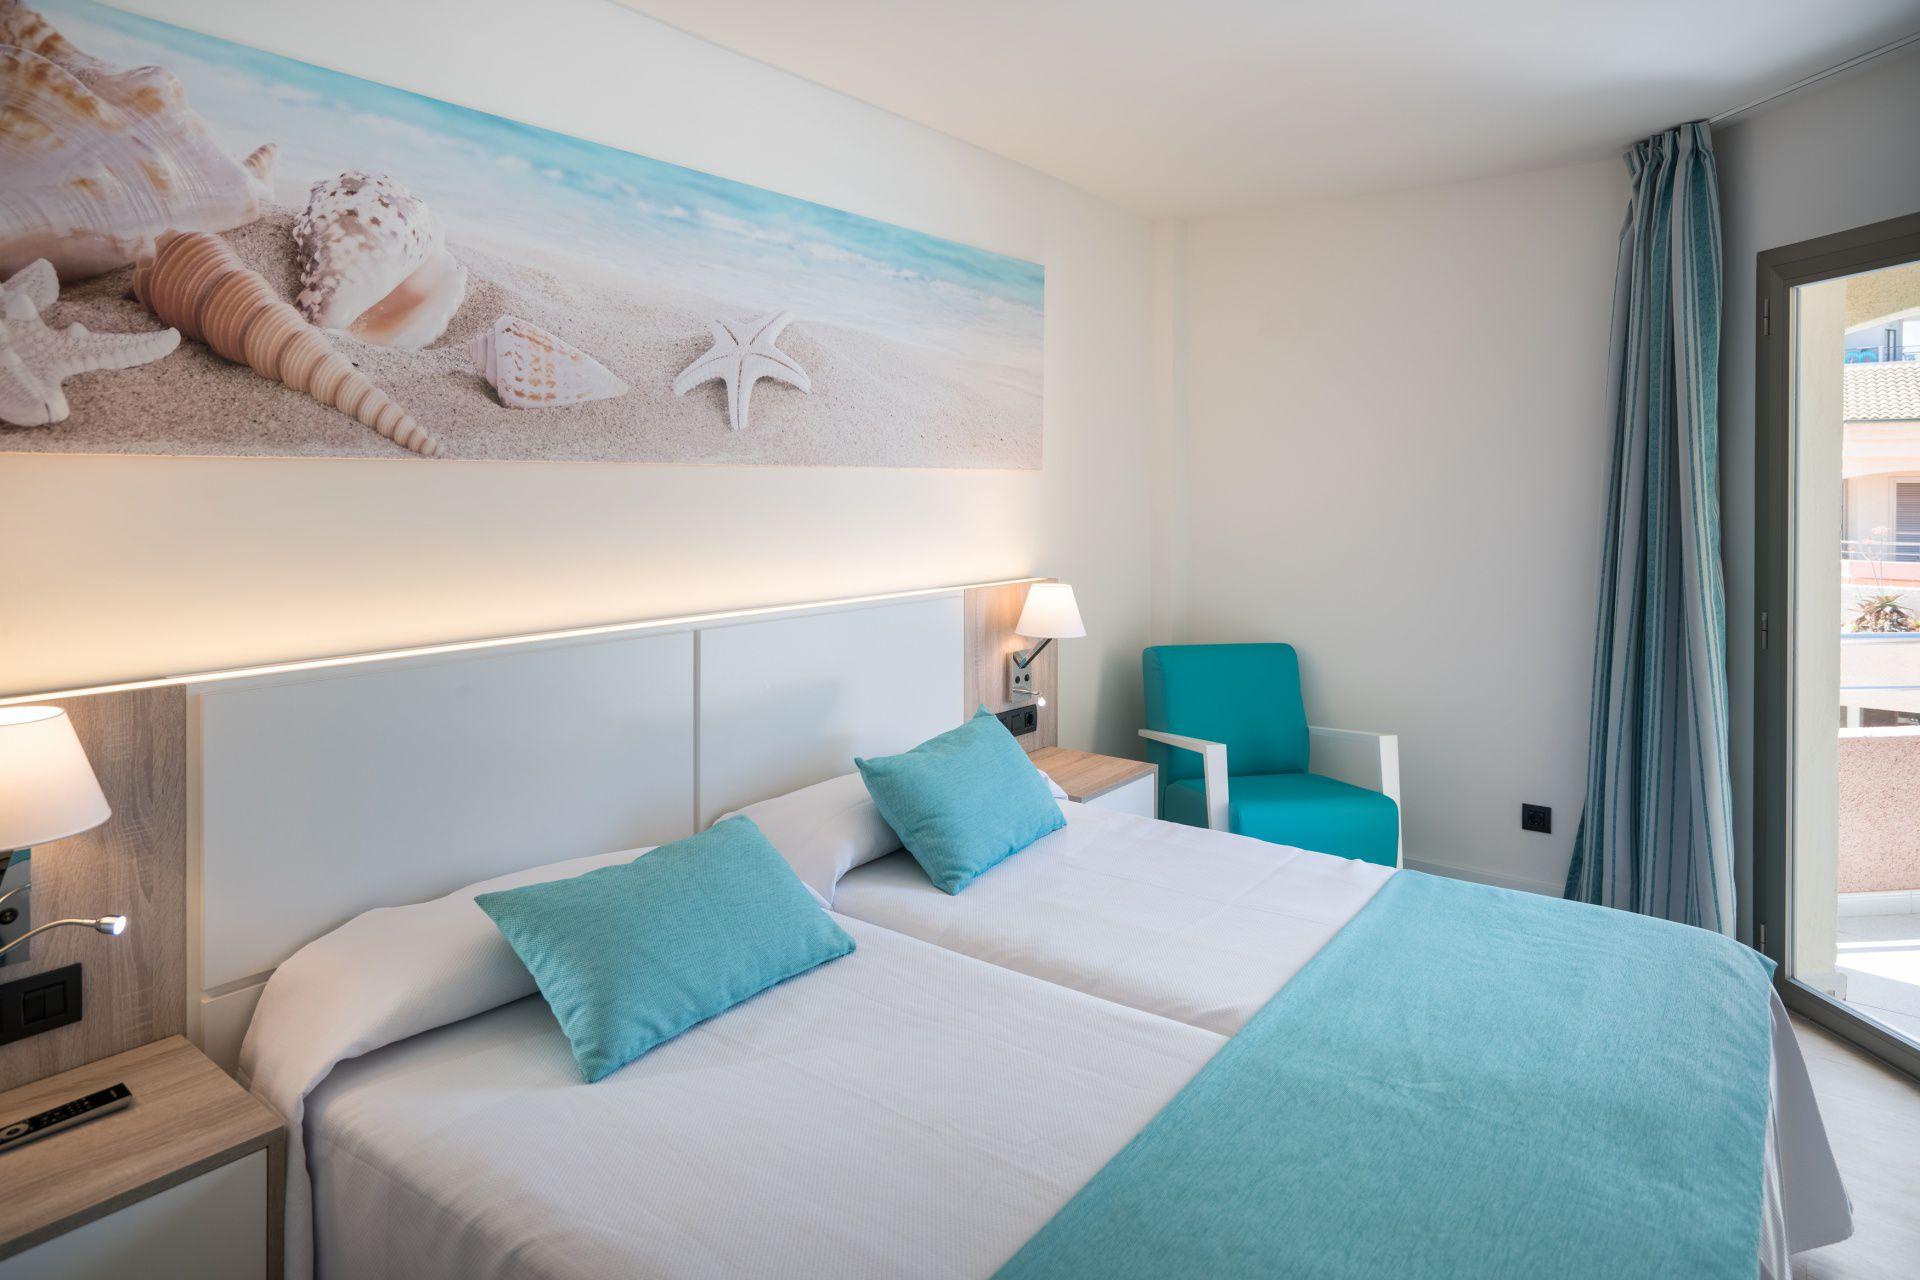 Hotel Für Familien Zimmer Mit Meerblick Cala Ratjada Mallorca - Mallorca urlaub appartement 2 schlafzimmer